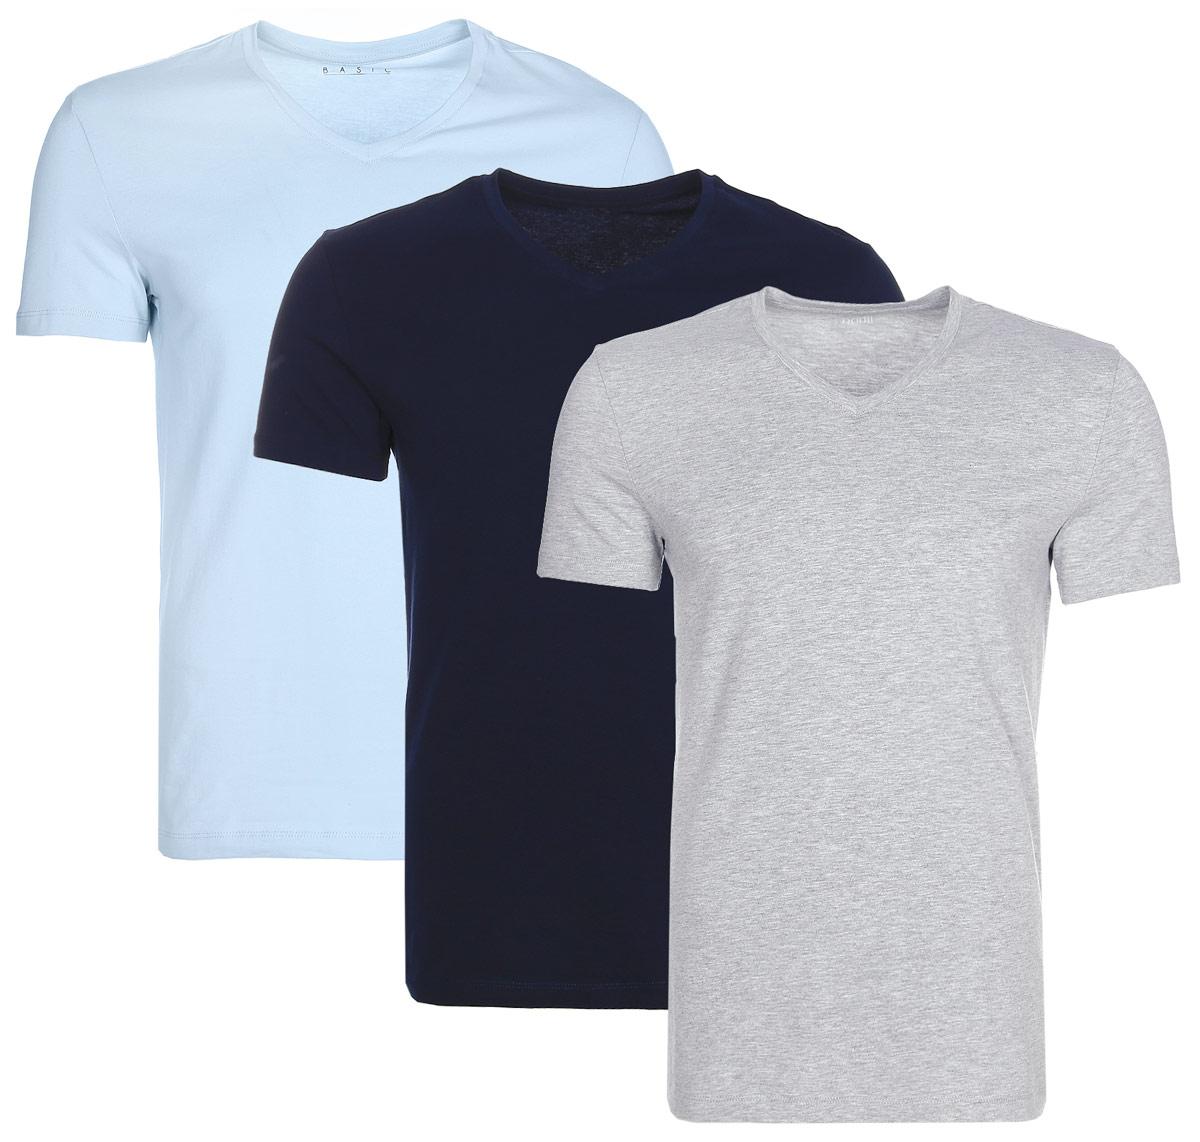 Футболка мужская oodji Basic, цвет: голубой, синий, серый, 3 шт. 5B612002T3/46737N/1904N. Размер M (50)5B612002T3/46737N/1904NМужская базовая футболка от oodji выполнена из эластичного хлопкового трикотажа. Модель с короткими рукавами и V-образным вырезом горловины. В комплект входит три футболки.